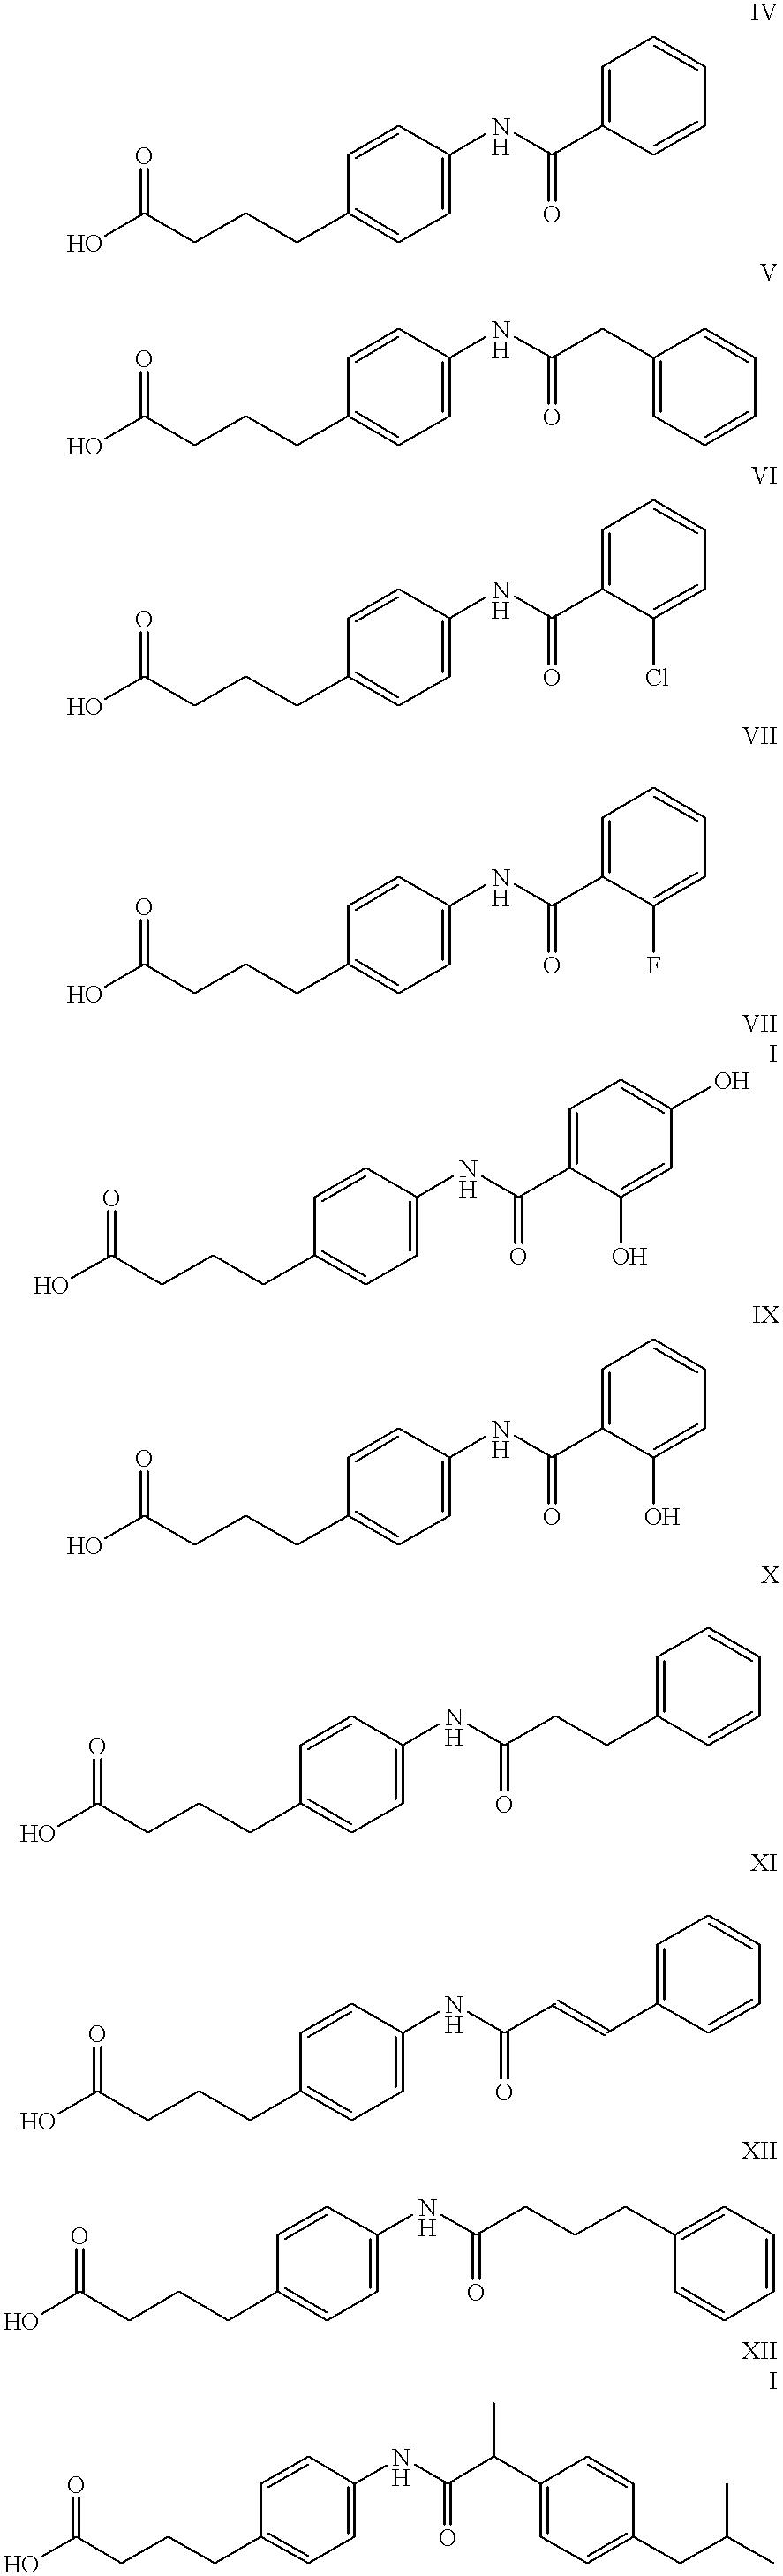 Figure US06610329-20030826-C00005